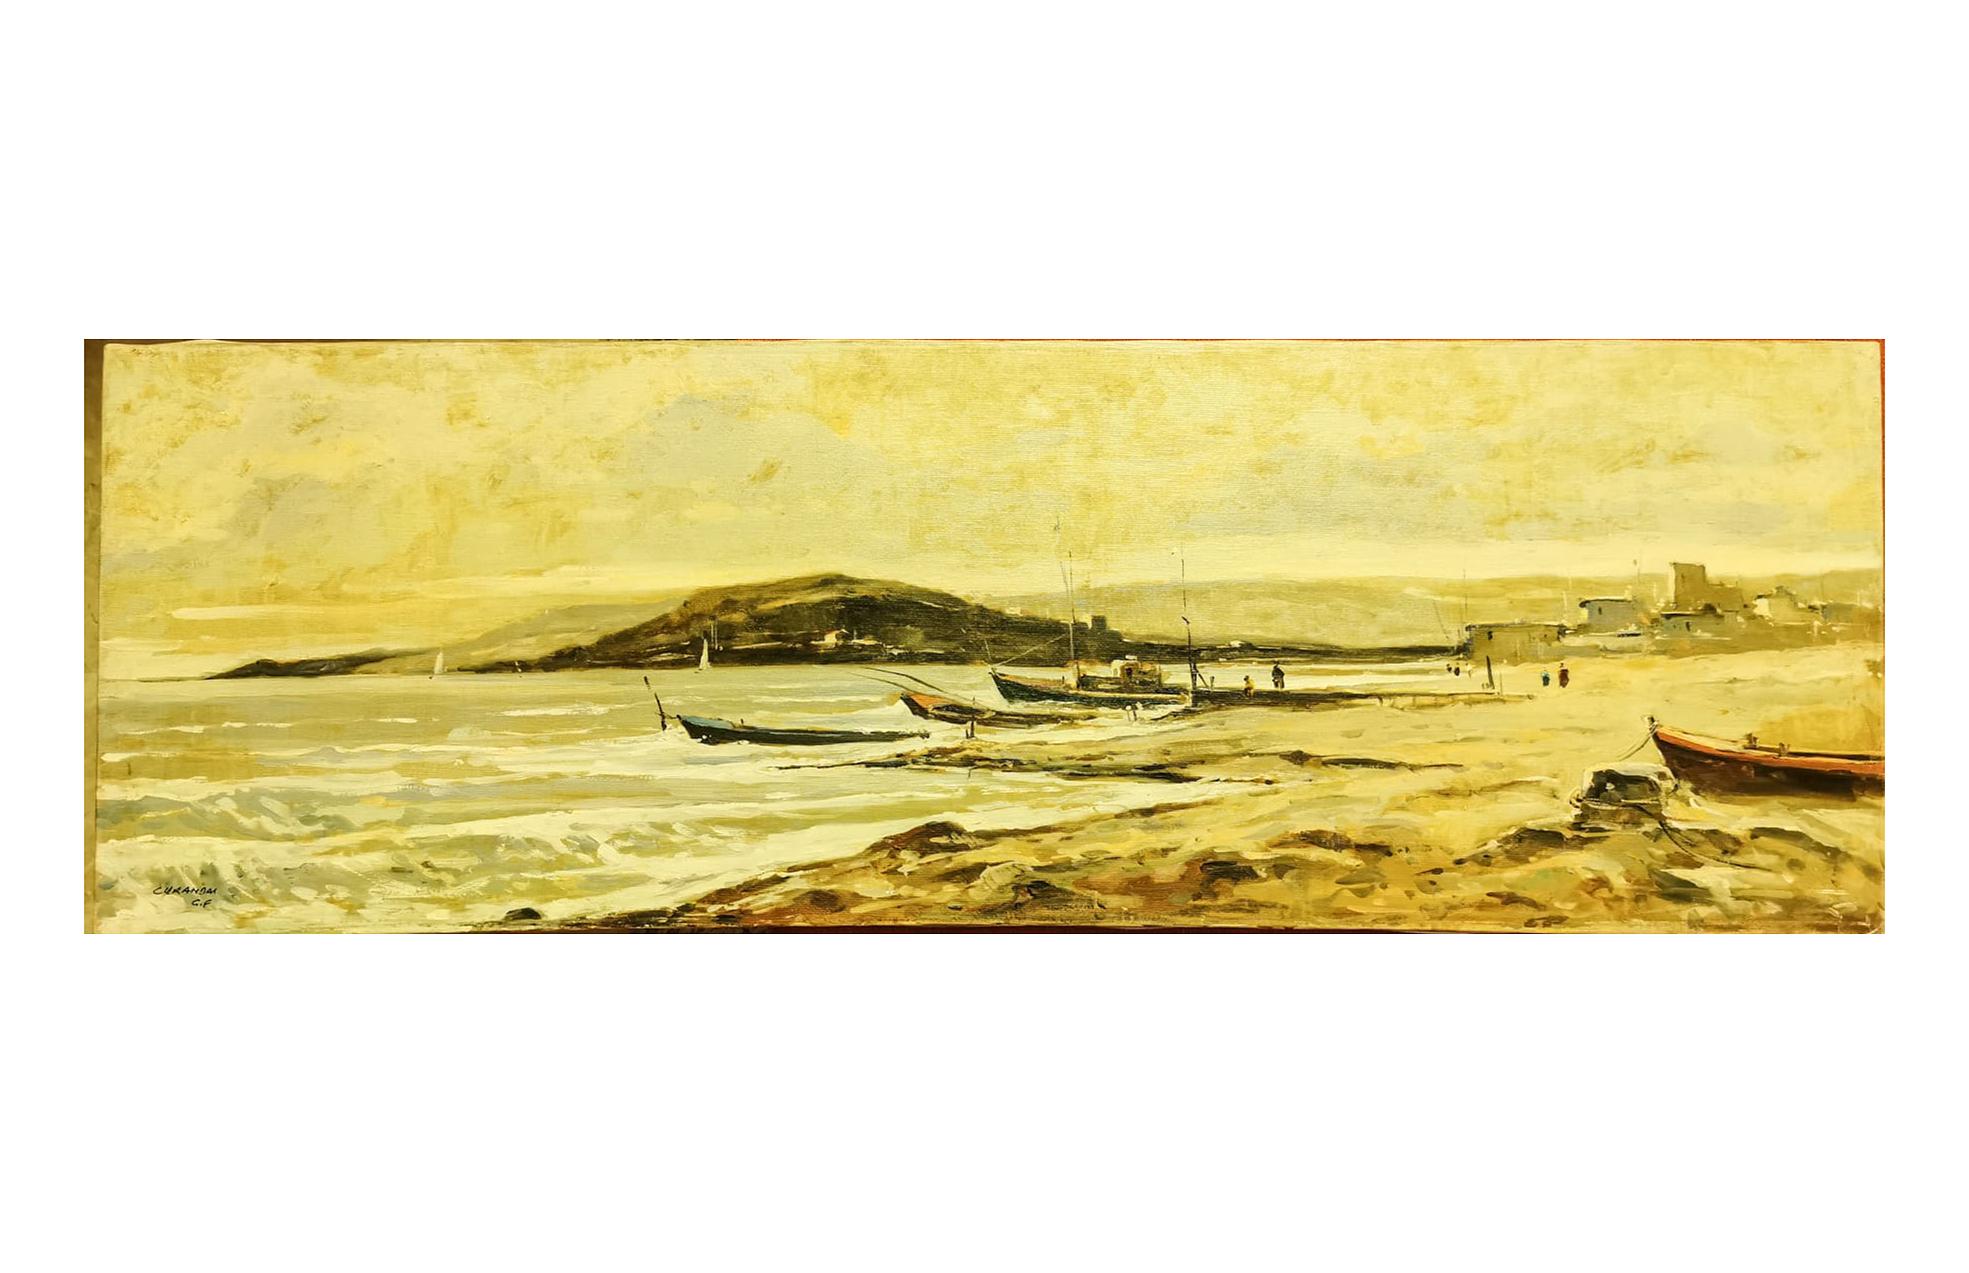 Gianfranco Curandai – L'isola del giglio